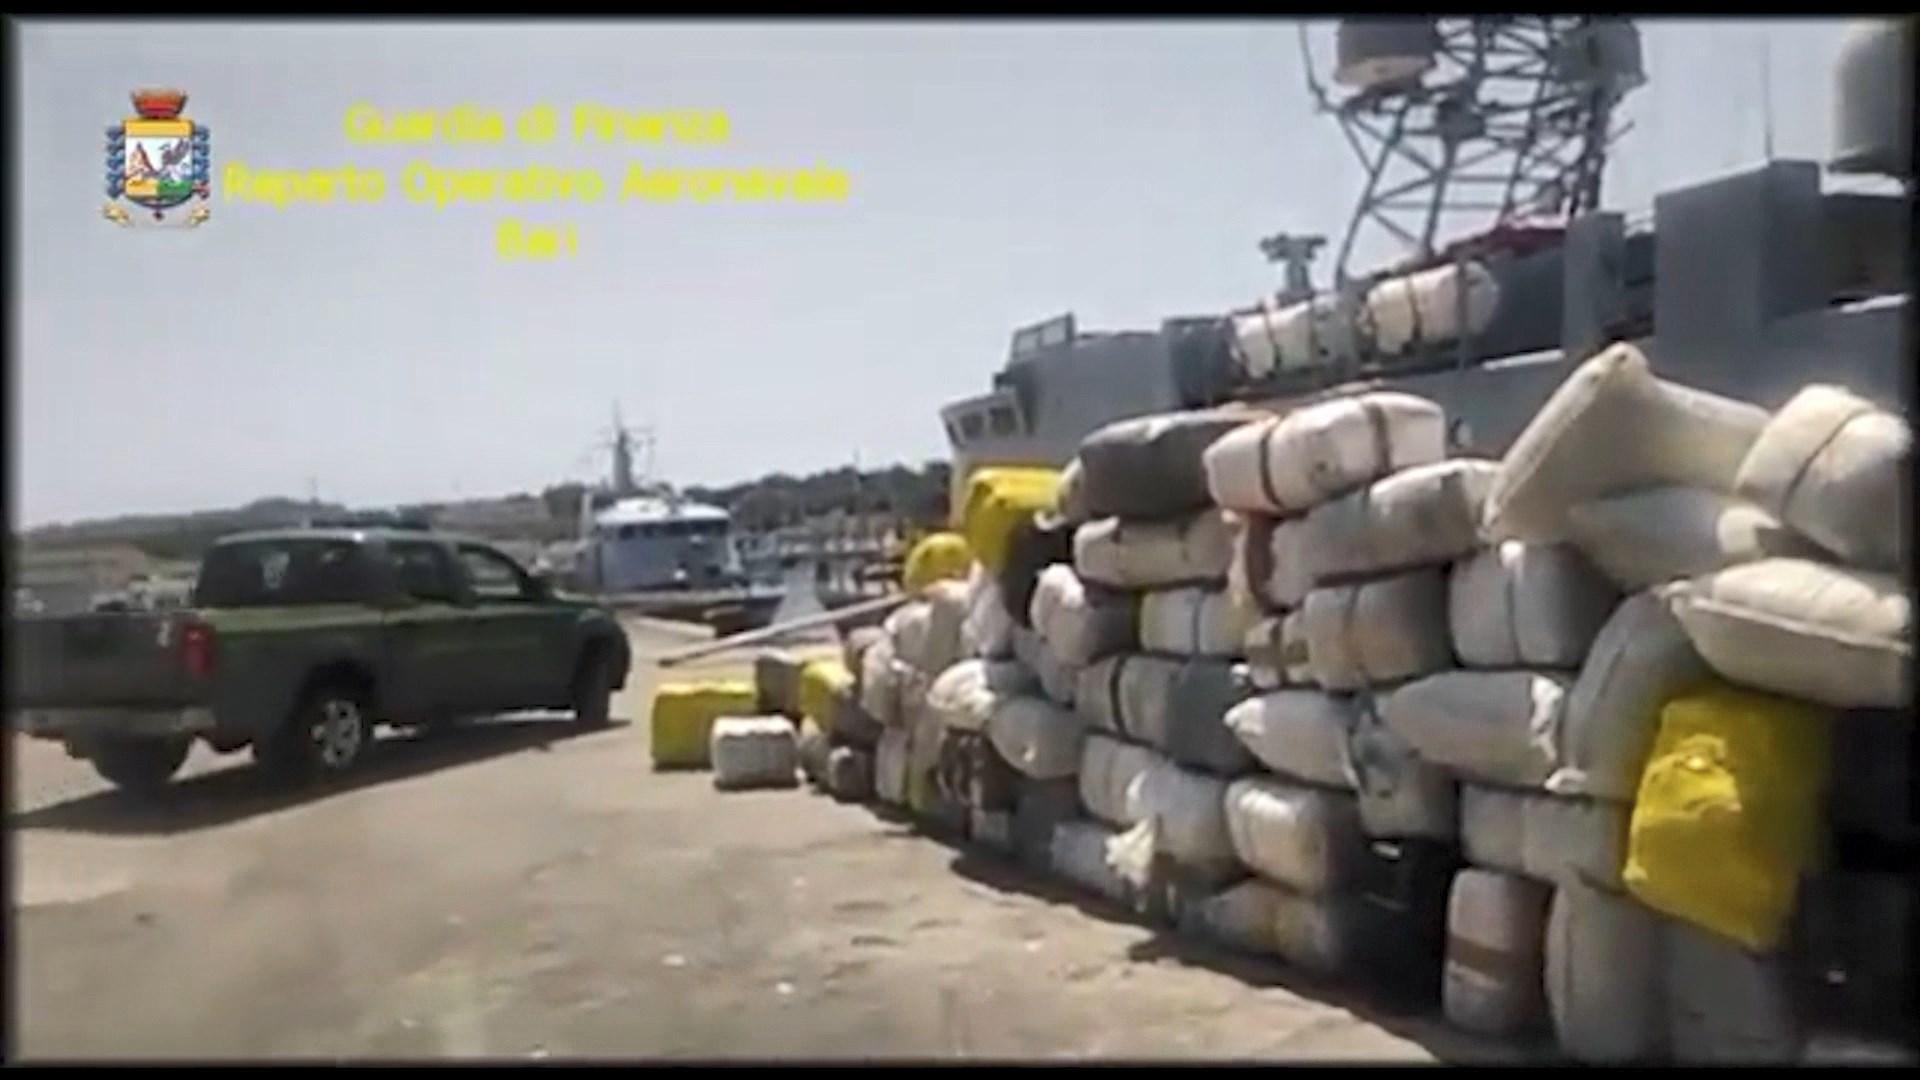 Brindizi, goditet grupi që trafikonte drogë/ 2 shqiptarë në pranga